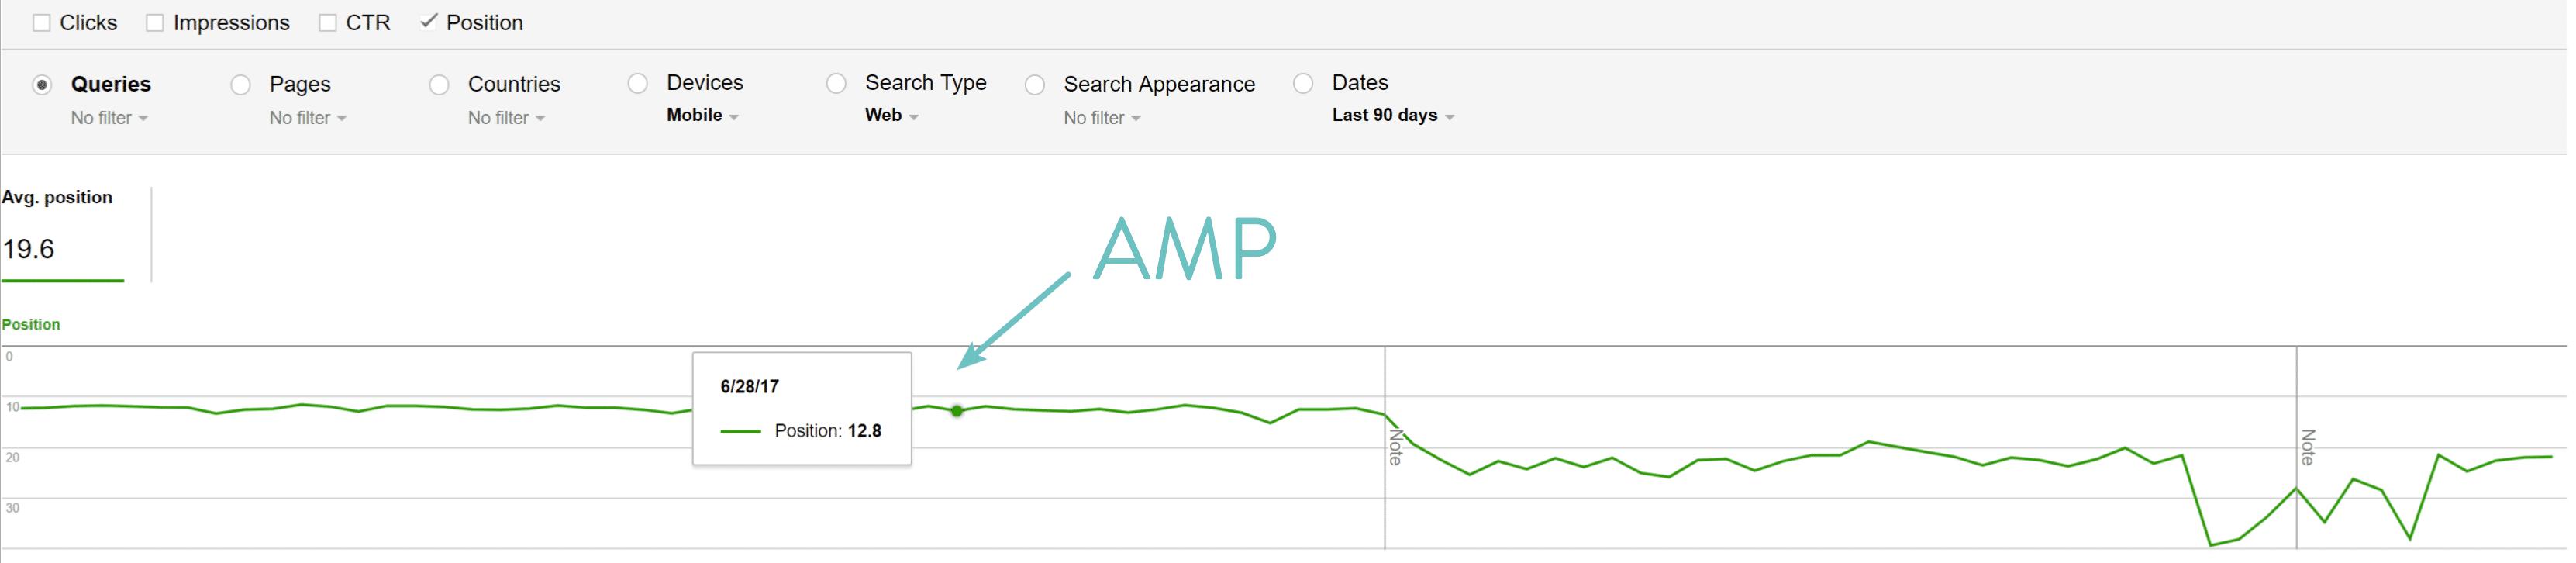 Dados de posicionamento com o Google AMP